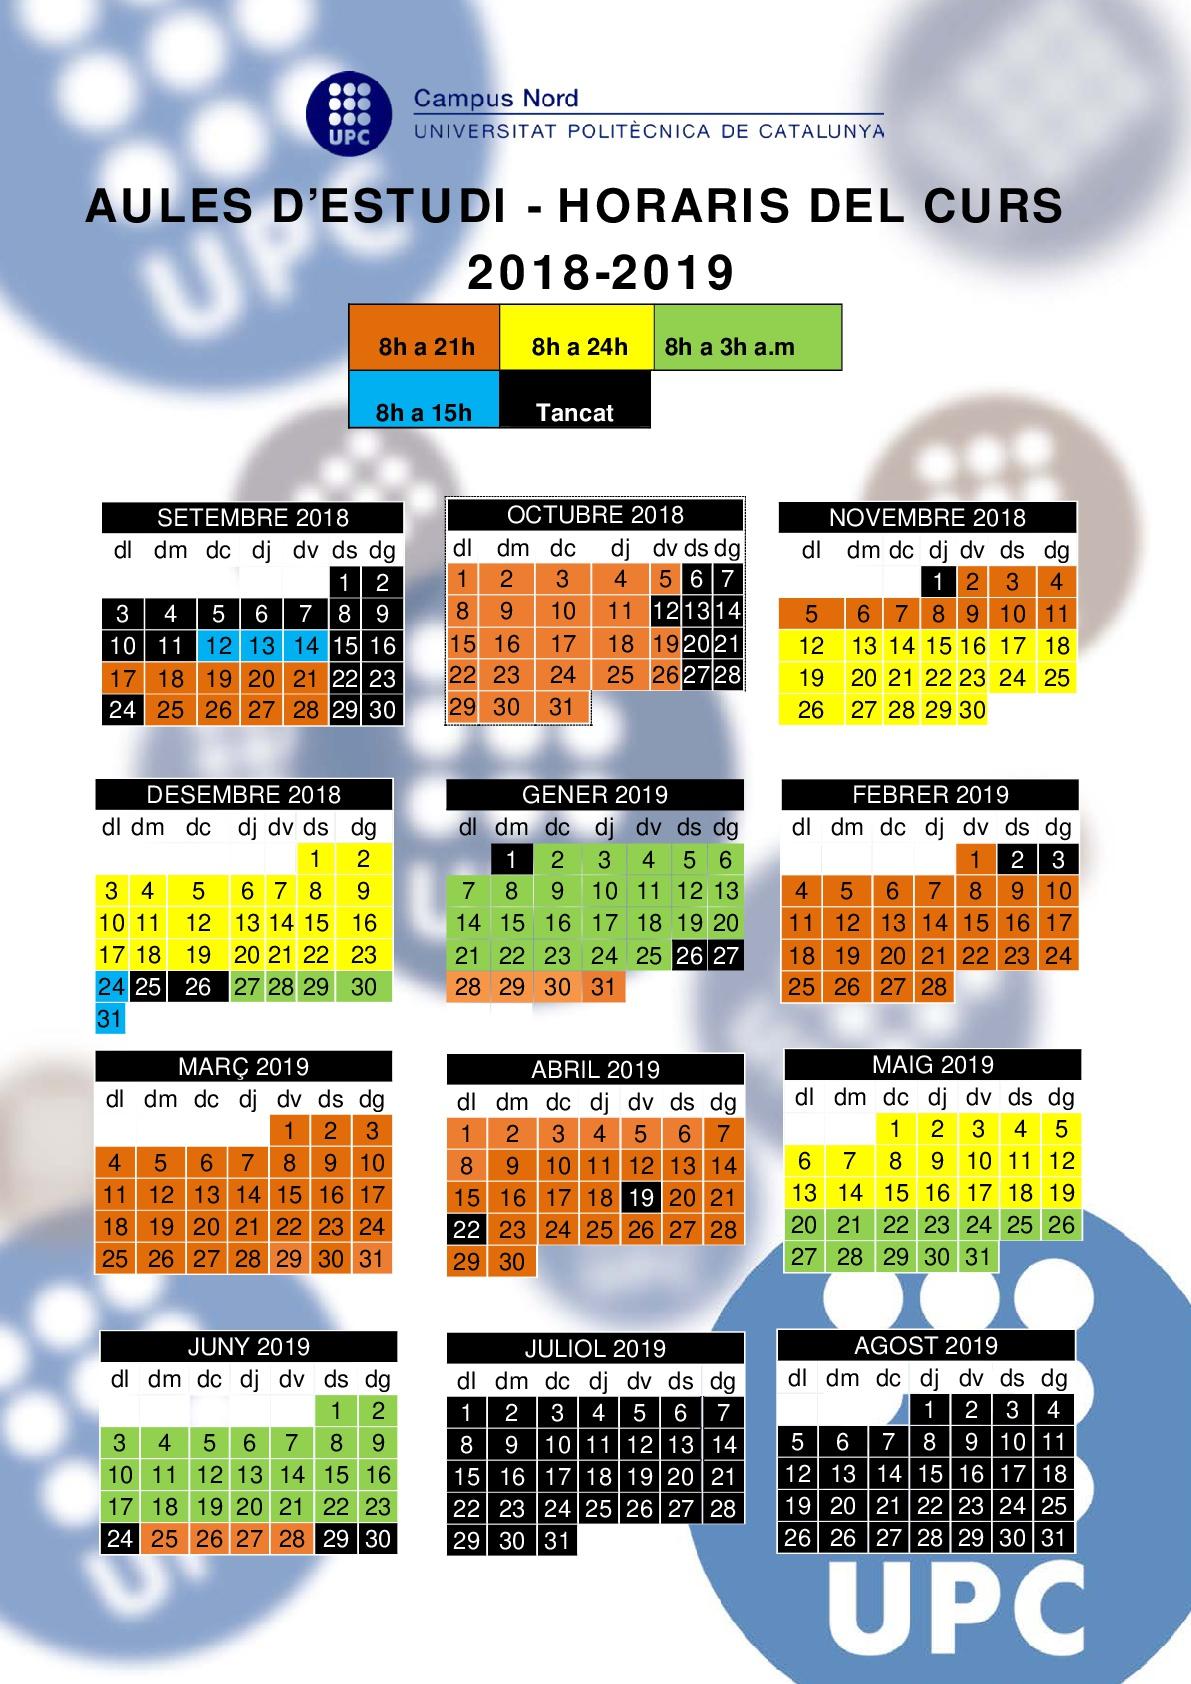 Calendari Aules 18-19